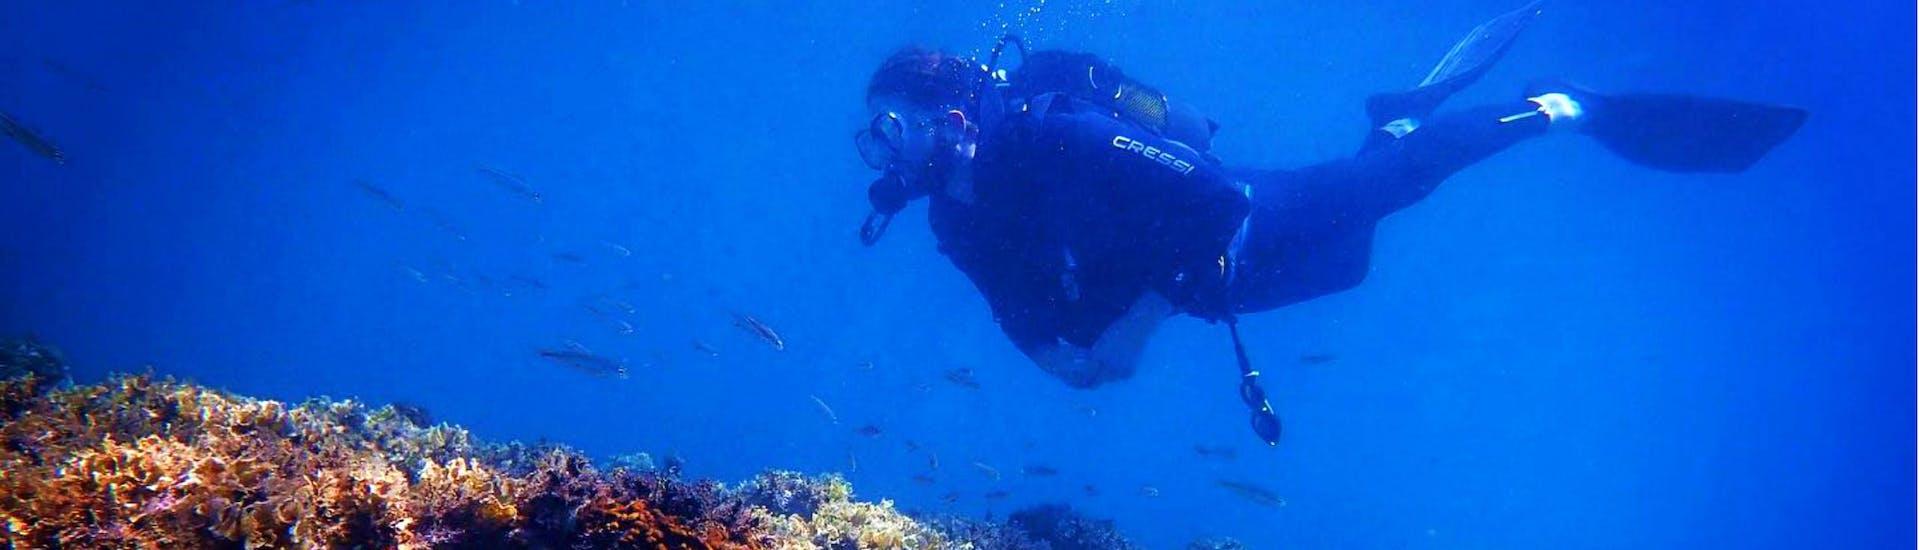 Ein Taucher, der in einer Tauchstunde mit den erfahrenen Tauchlehrern des Evelin Dive Center die Tiefen der kretischen See erkundet.